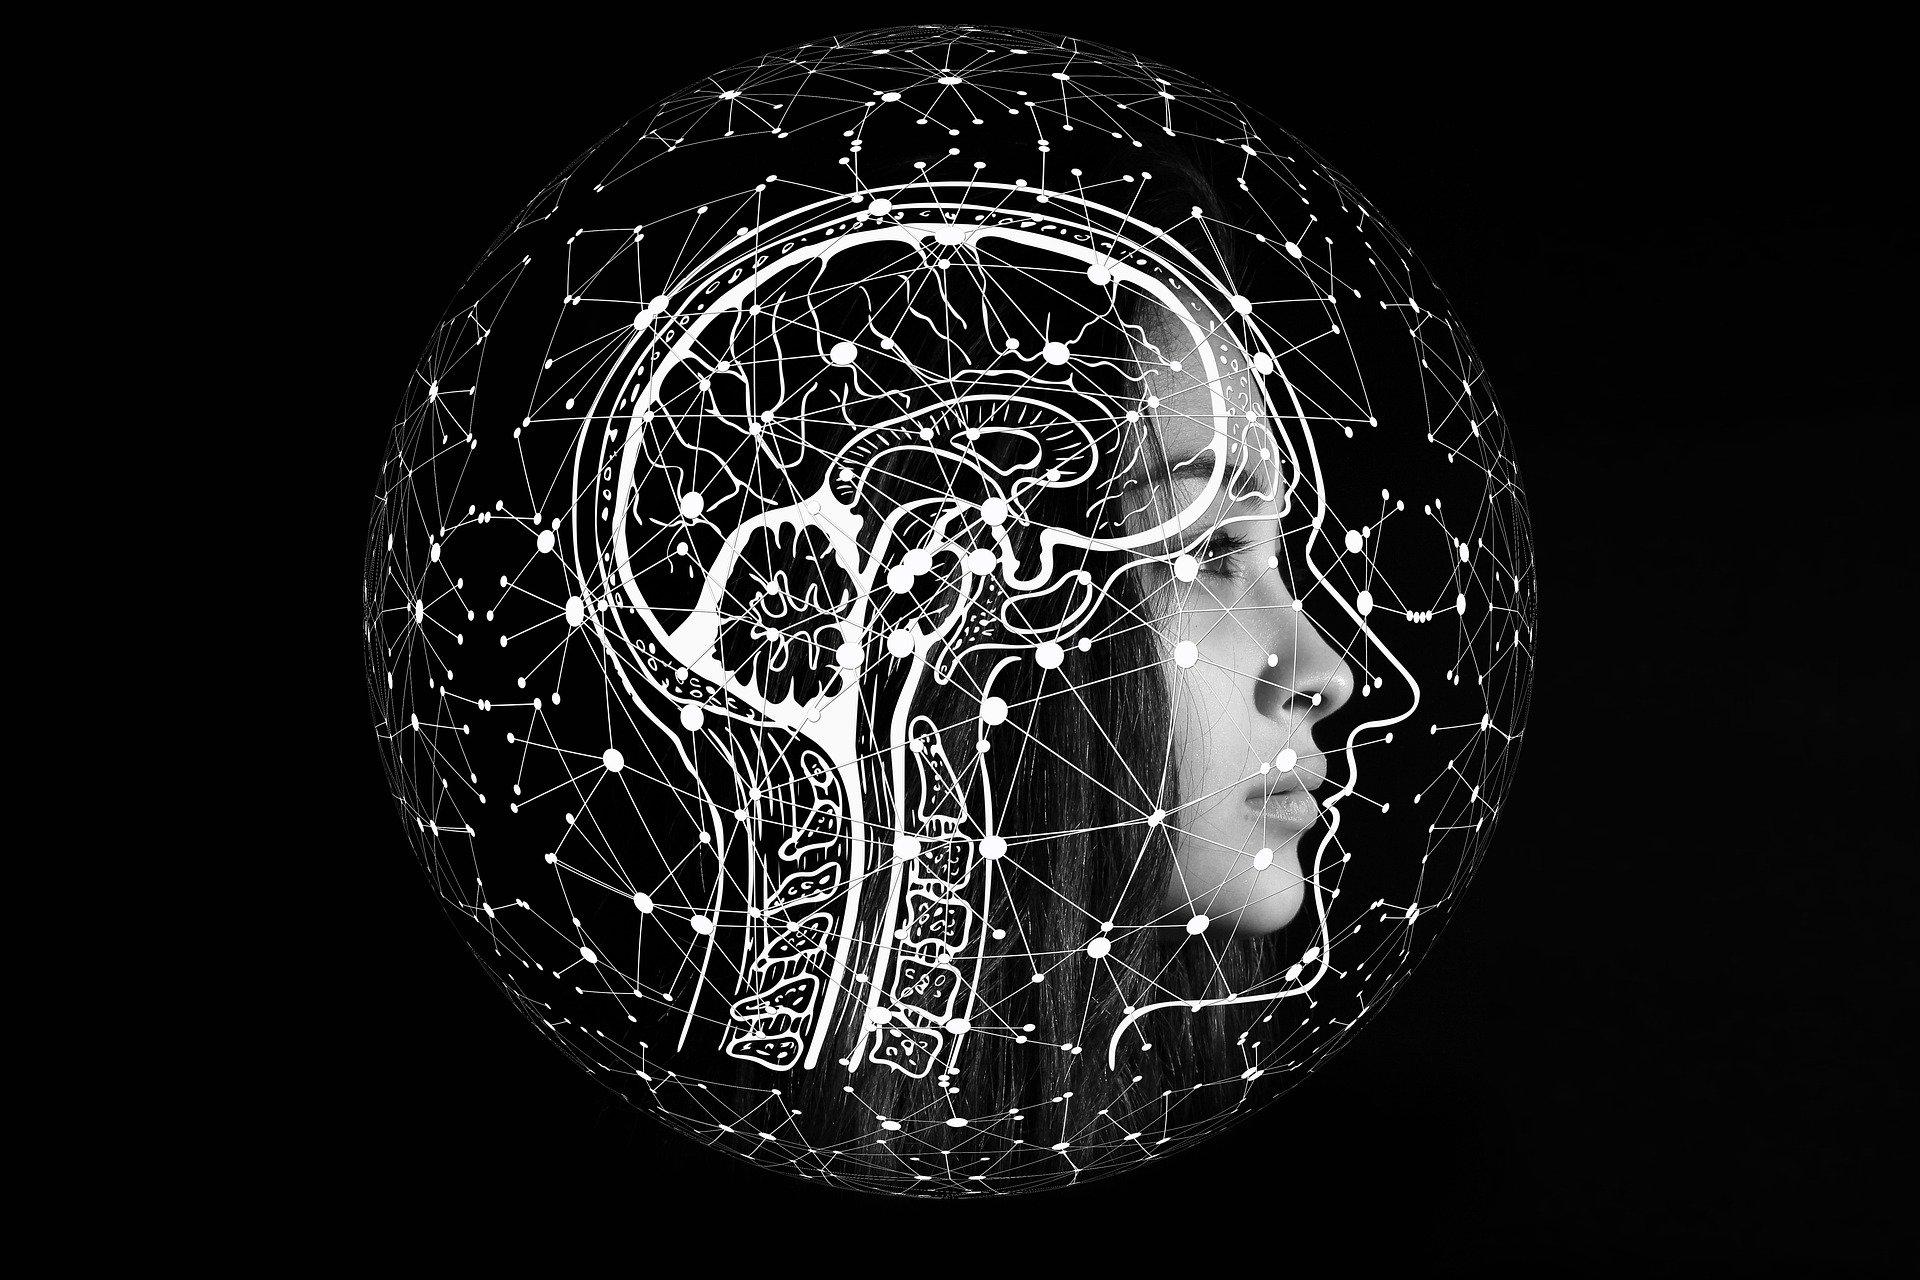 universitatea tehnică - promotorul institutului de cercetare în inteligență artificială